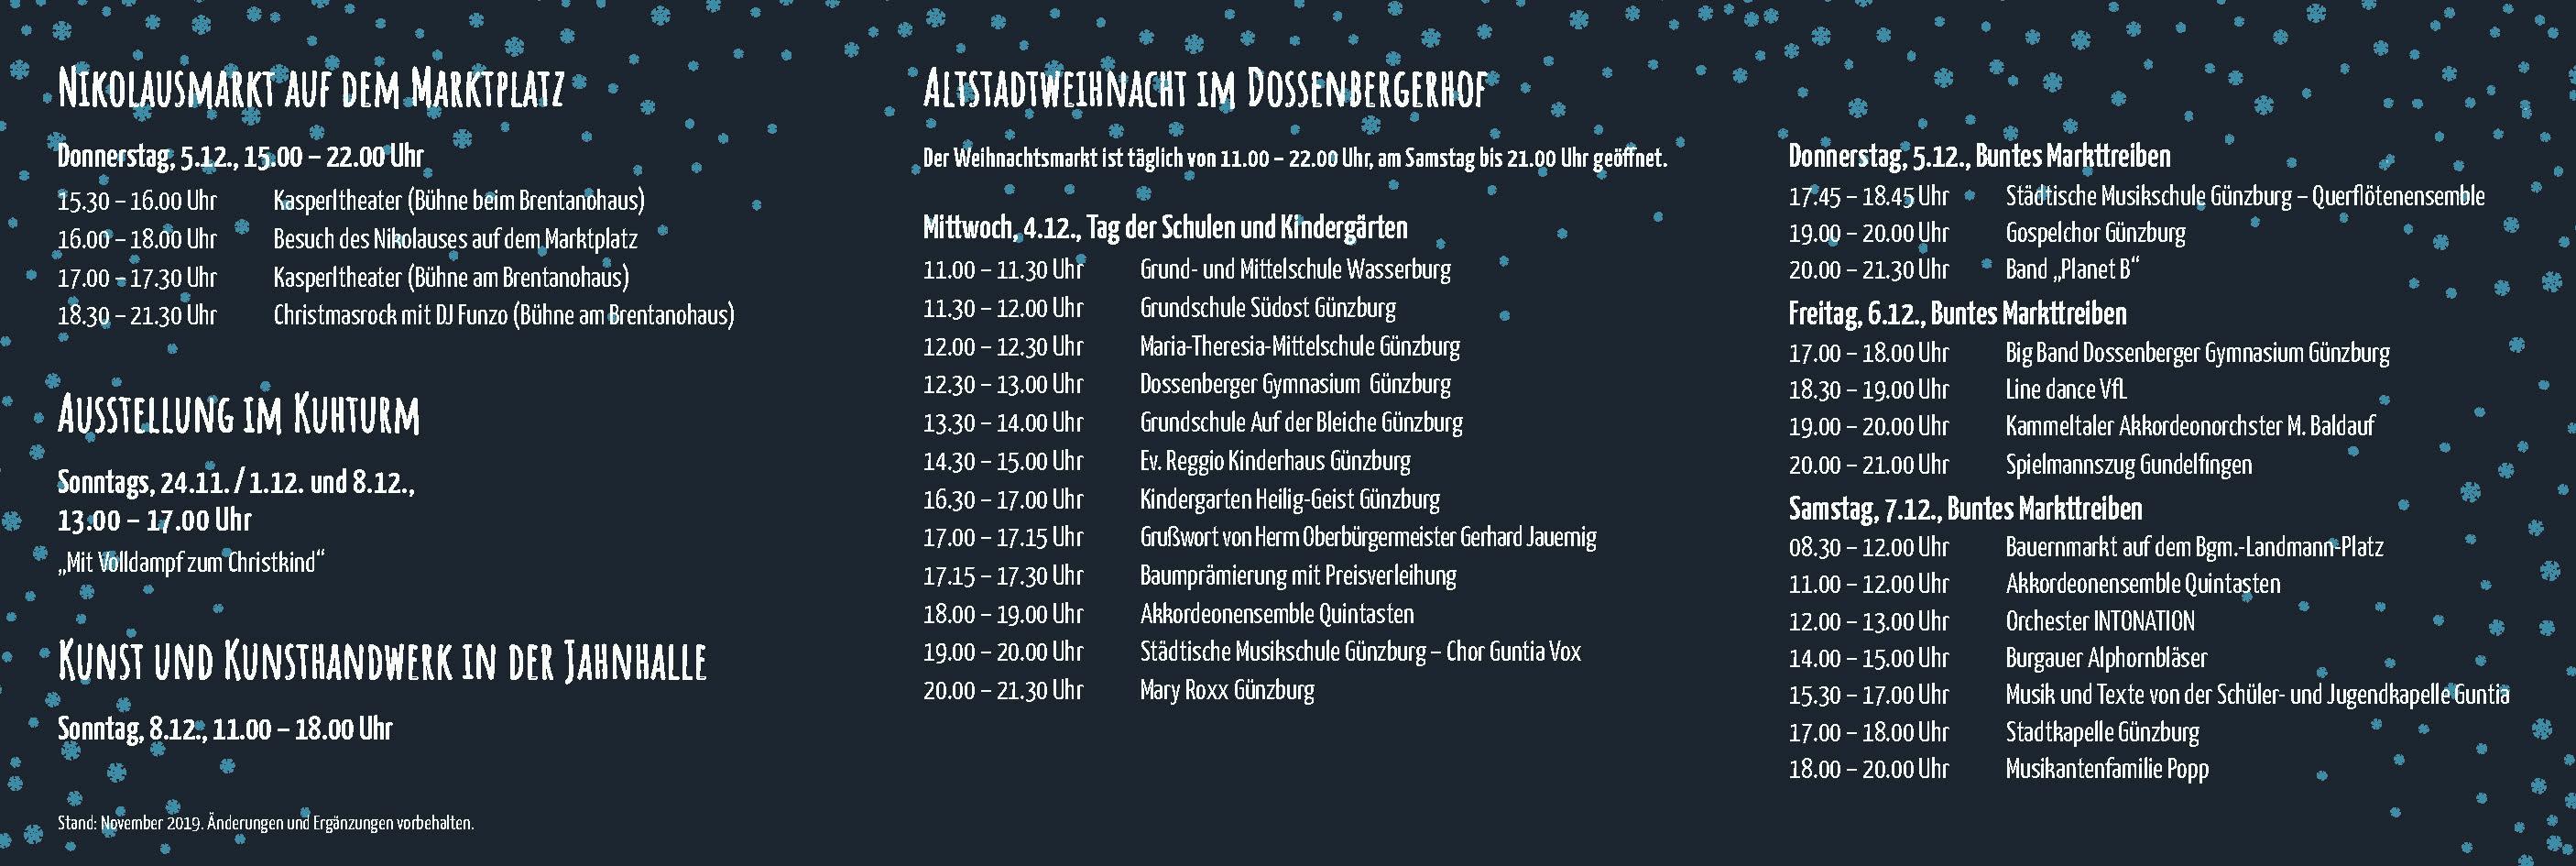 Günzburg Weihnachtsaktionen 2019: Das Programm